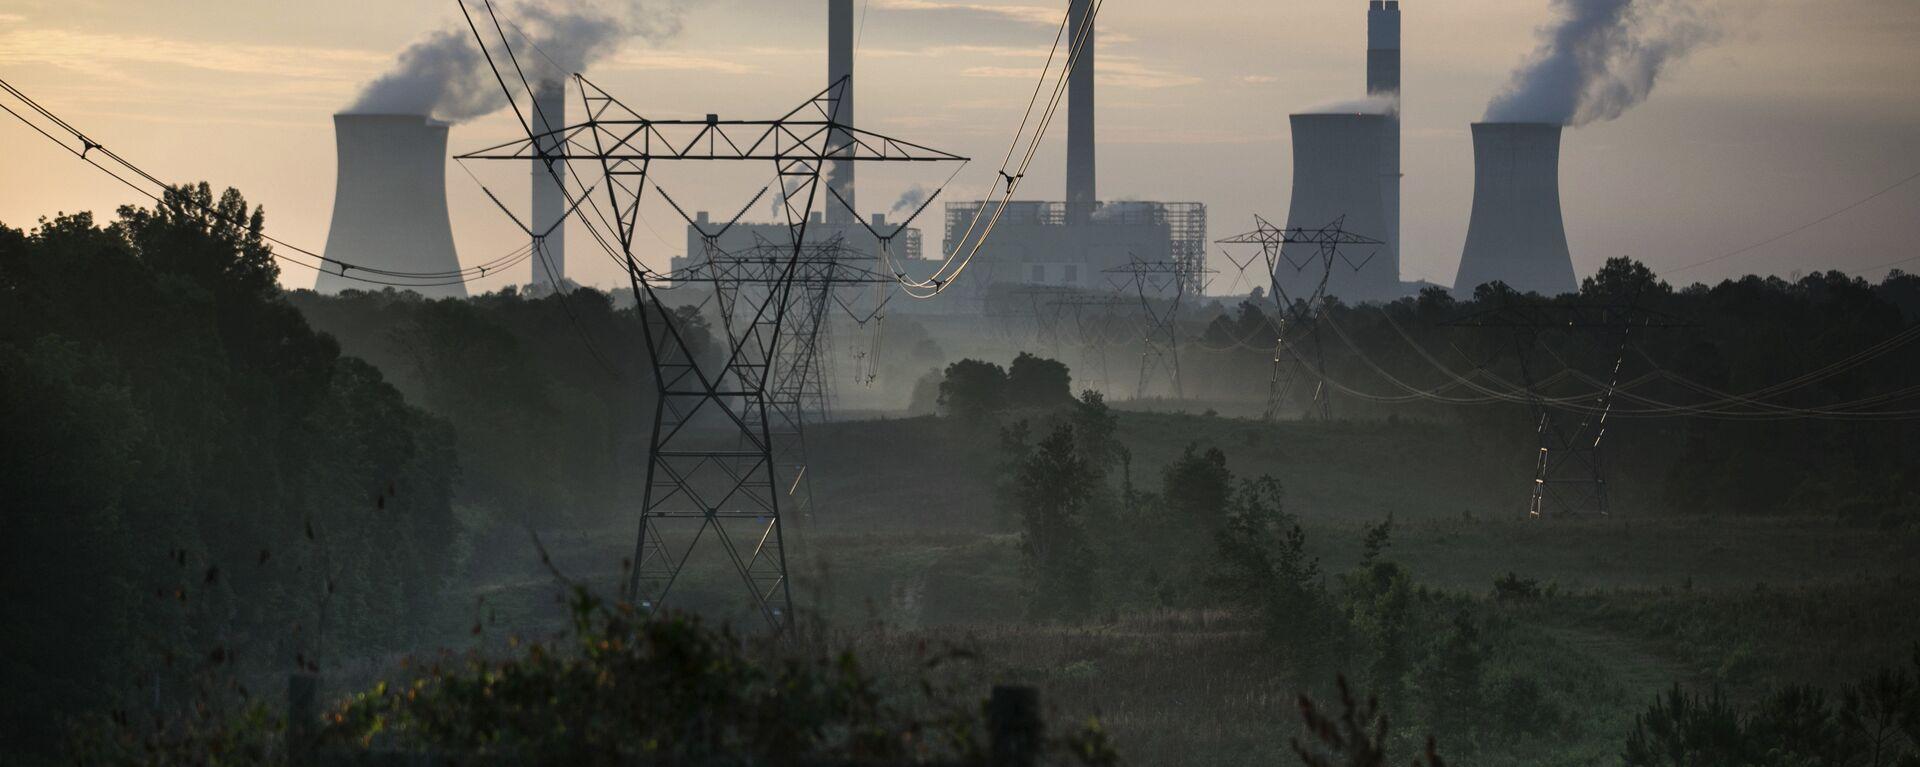 Inquinamento dell'ambiente - Sputnik Italia, 1920, 04.08.2021